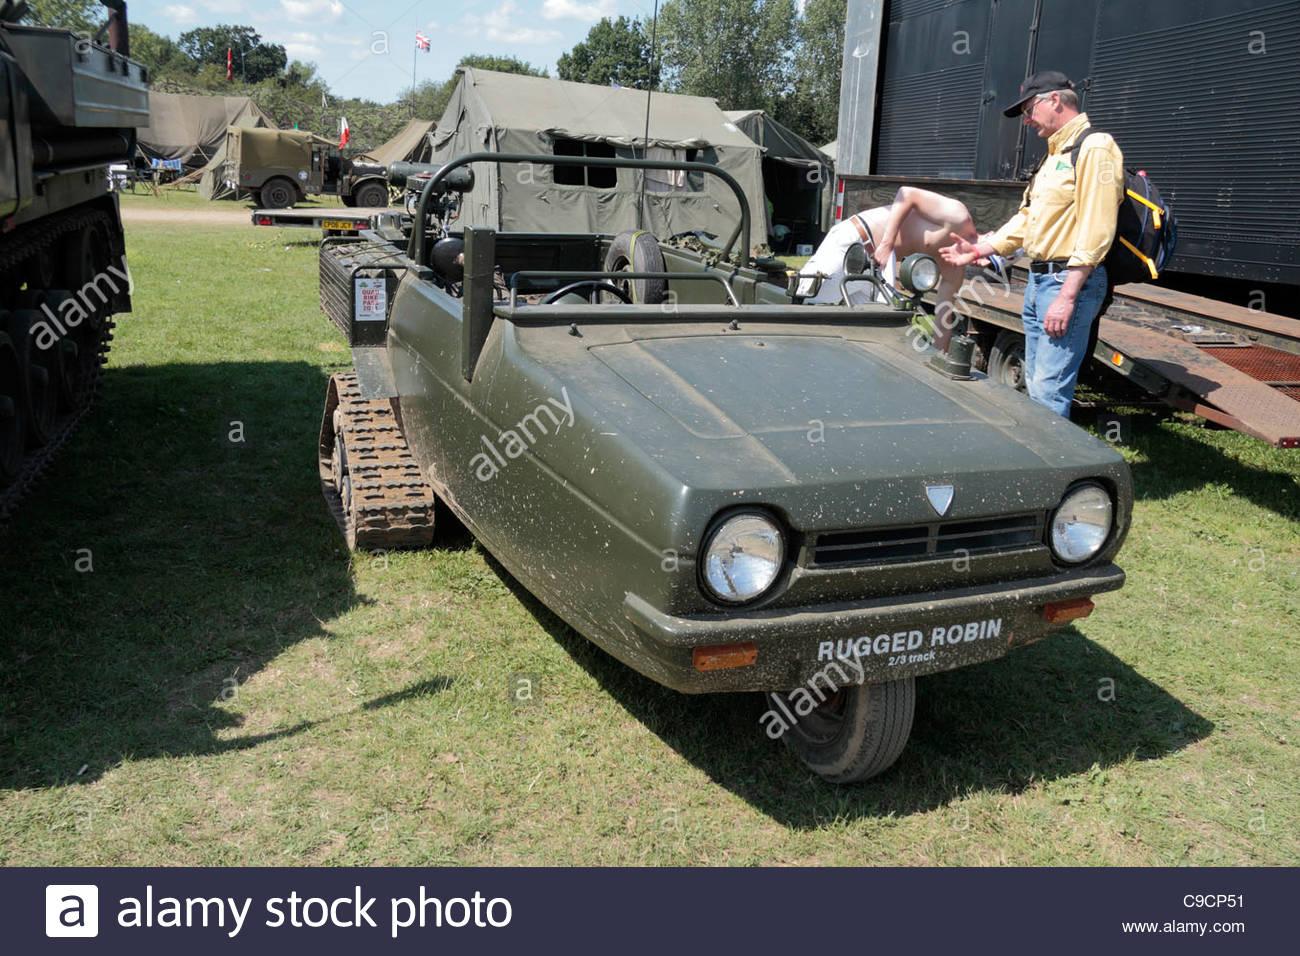 a-rugged-robin-23-track-amphibious-machine-gun-carrier-vehicle-on-C9CP51.jpg